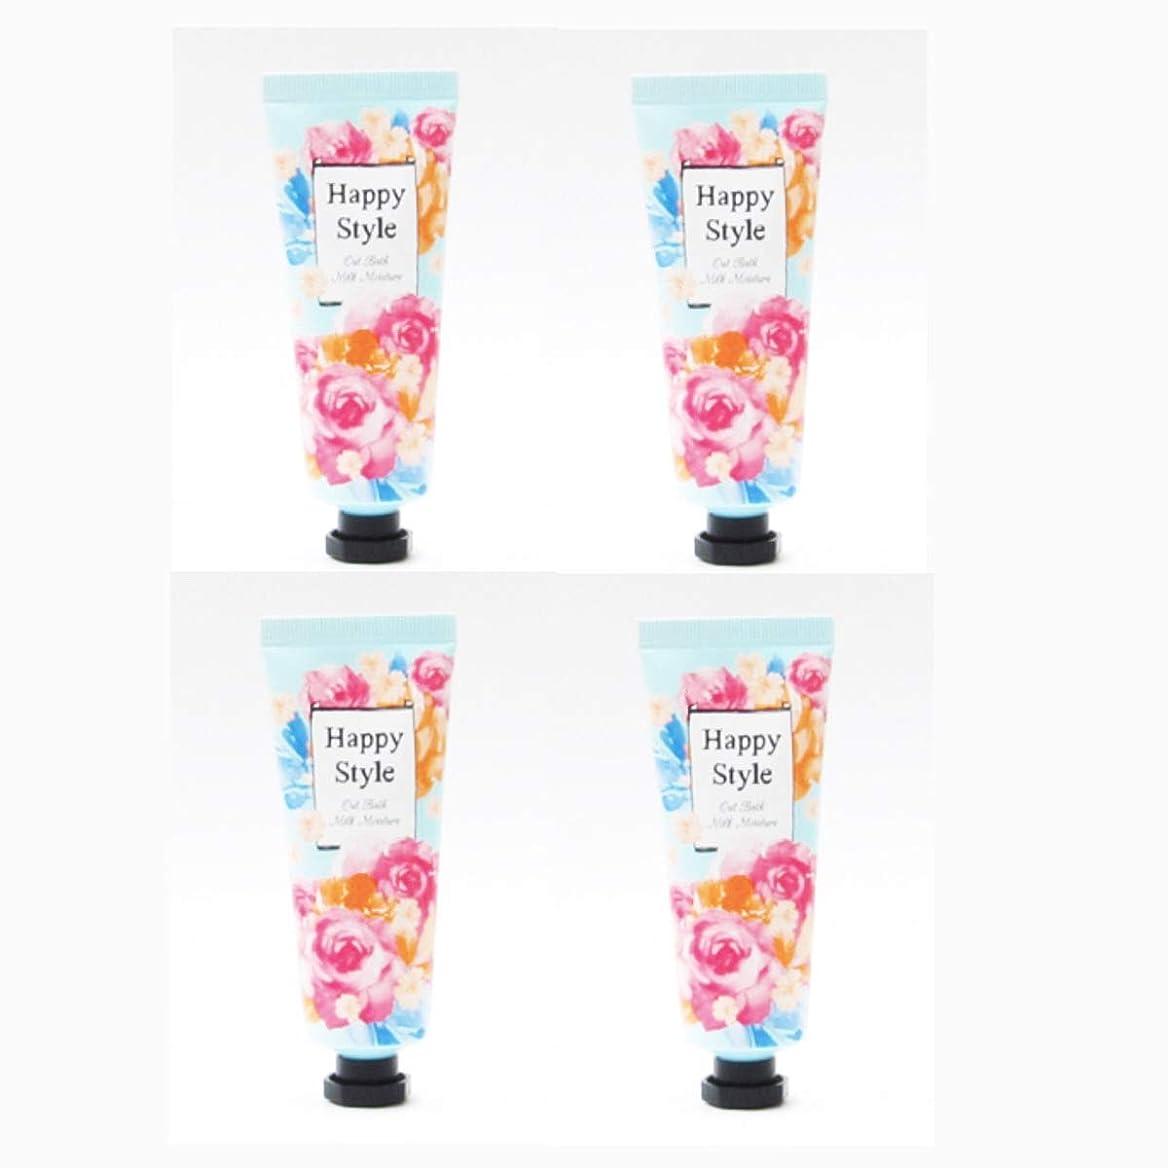 ファブリック画像顧問菊星 ハッピースタイル ミルクモイスチュア 40g ×4本セット売り 超お買得 mimilifeshop専用ページ